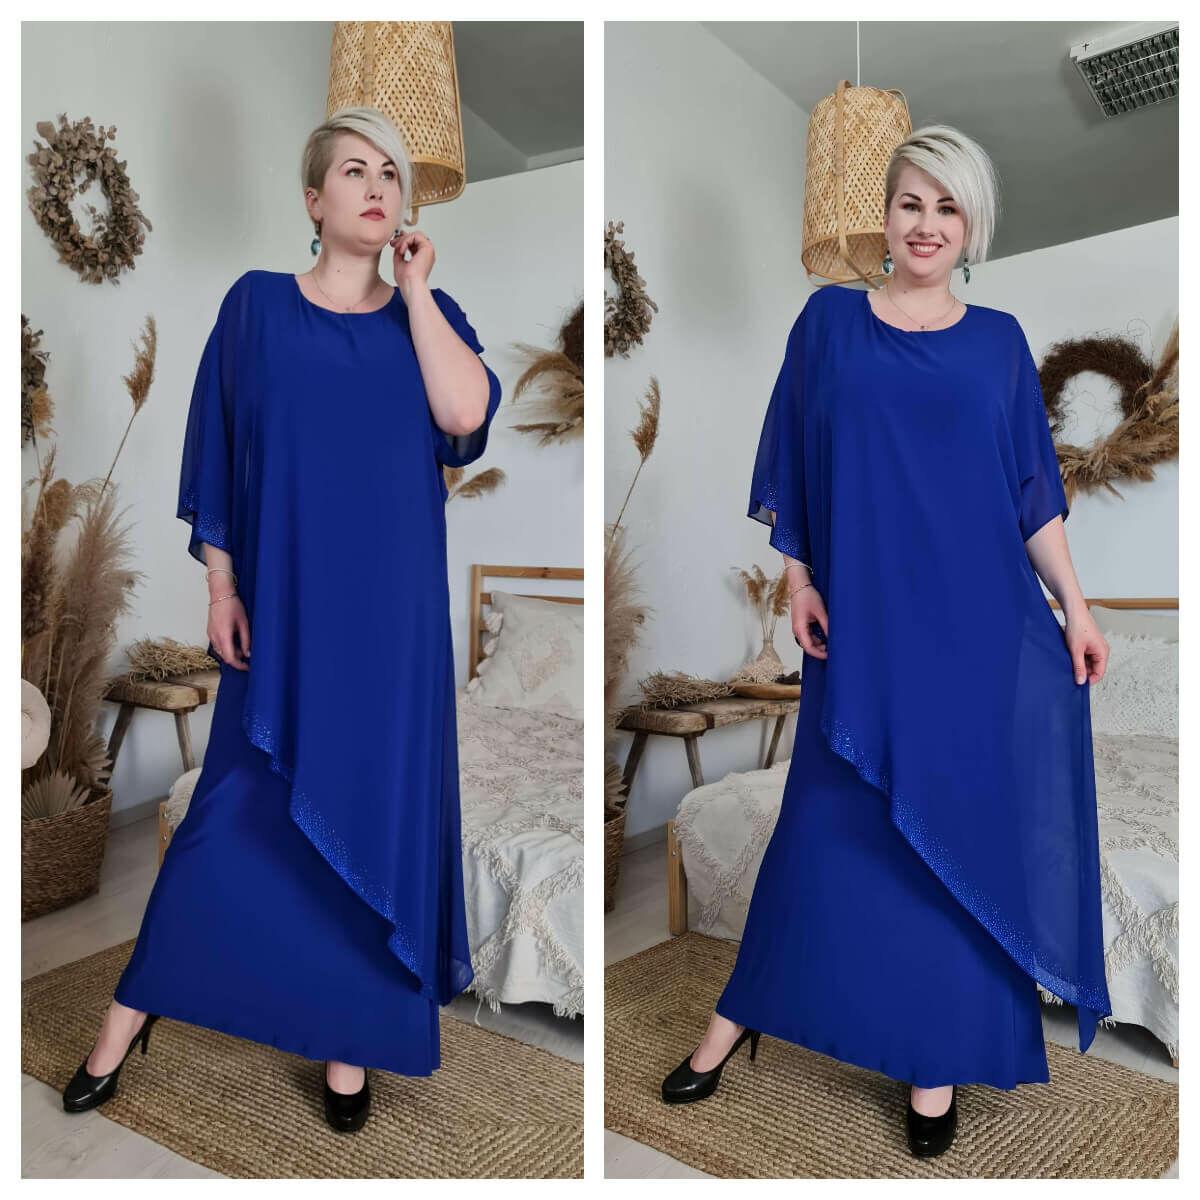 Chia ruha - nagyméretű örömanya és alkalmi ruha